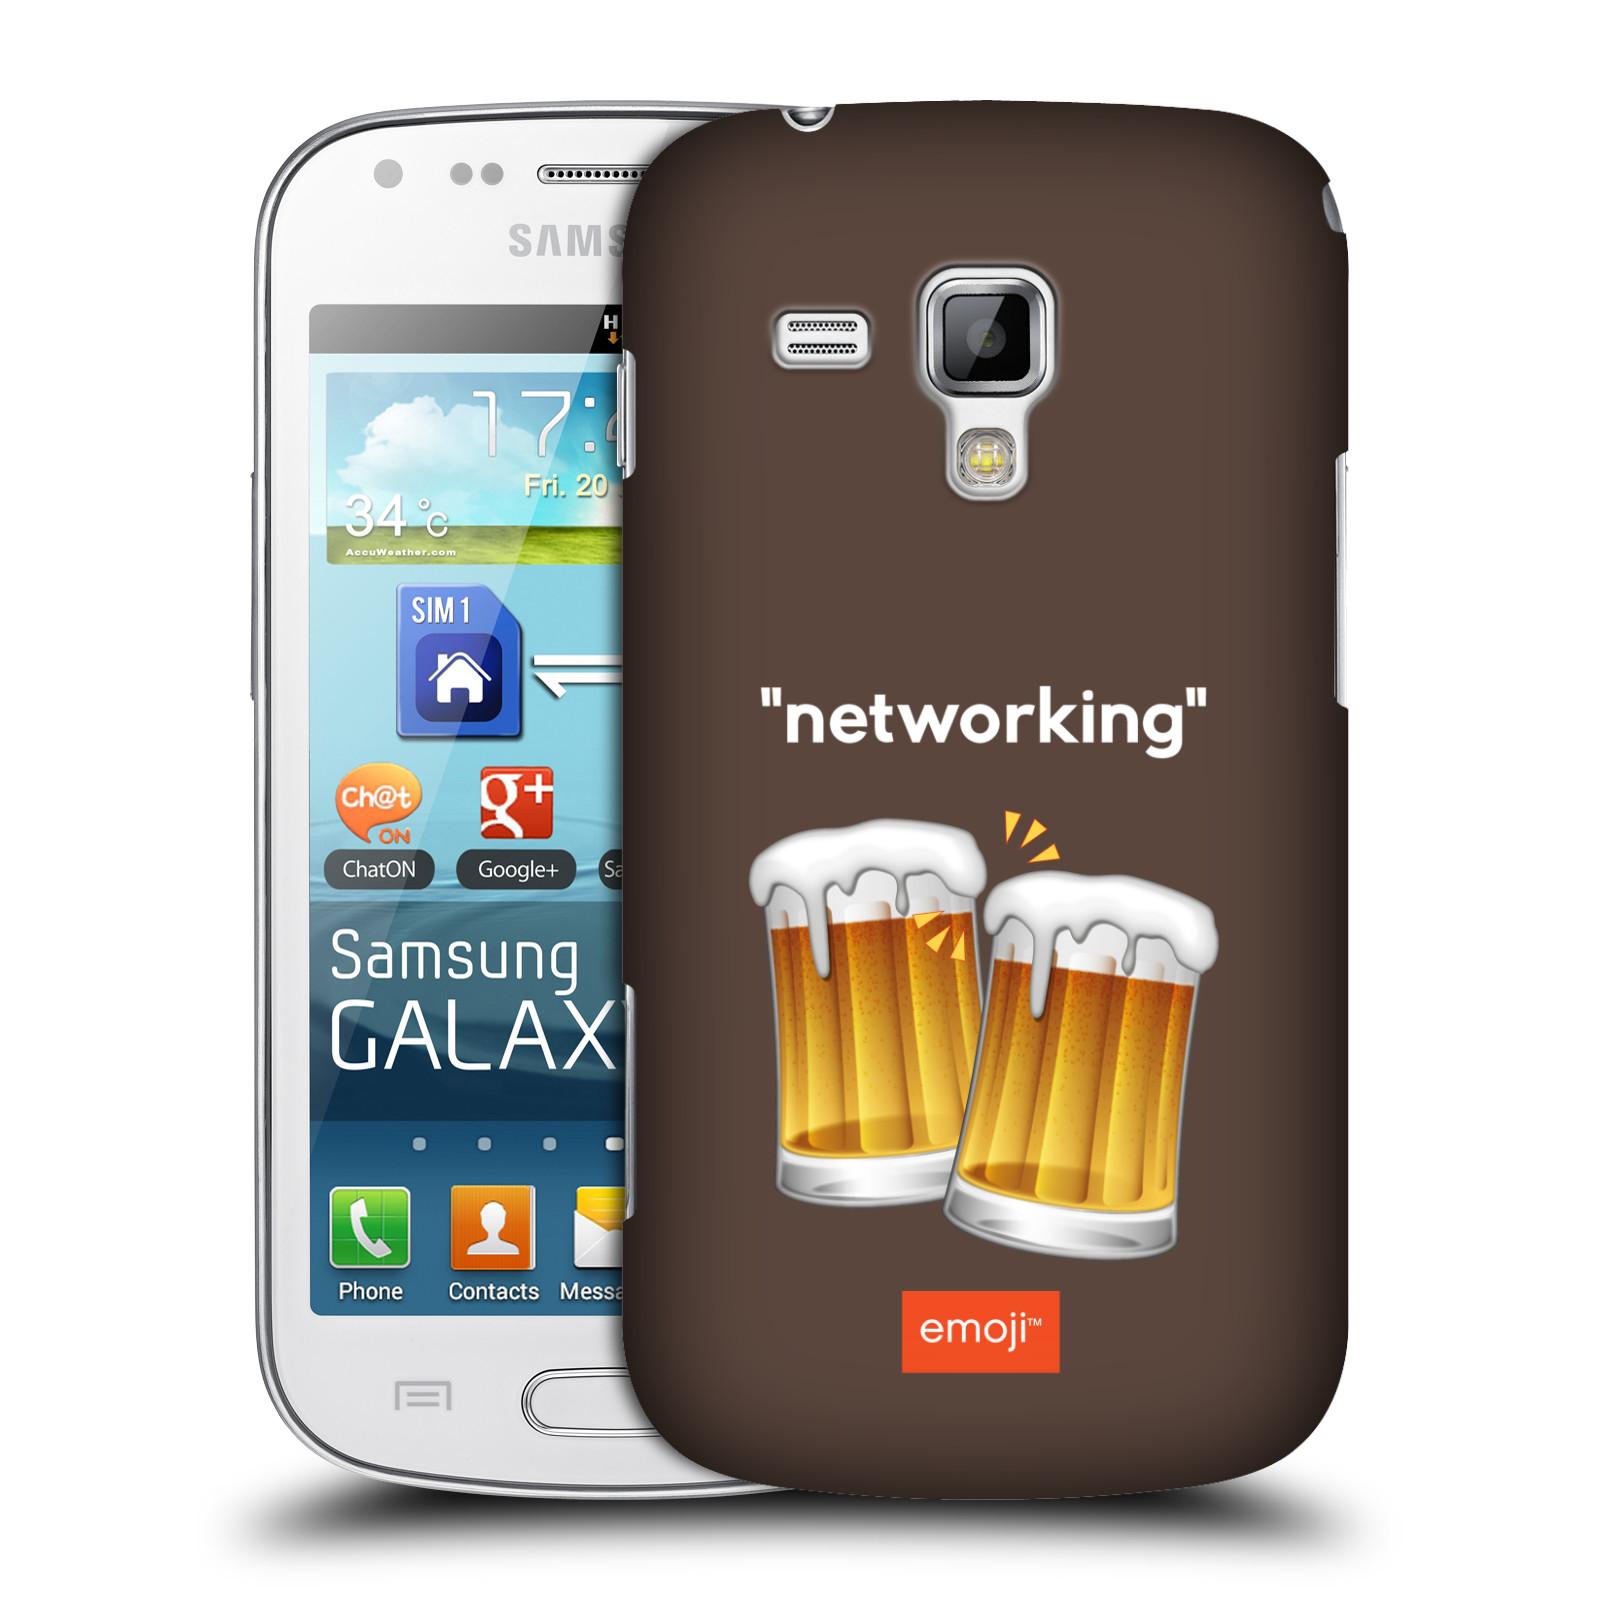 Plastové pouzdro na mobil Samsung Galaxy Trend HEAD CASE EMOJI - Pivní networking (Kryt či obal s oficiálním motivem EMOJI na mobilní telefon Samsung Galaxy Trend GT-S7560)